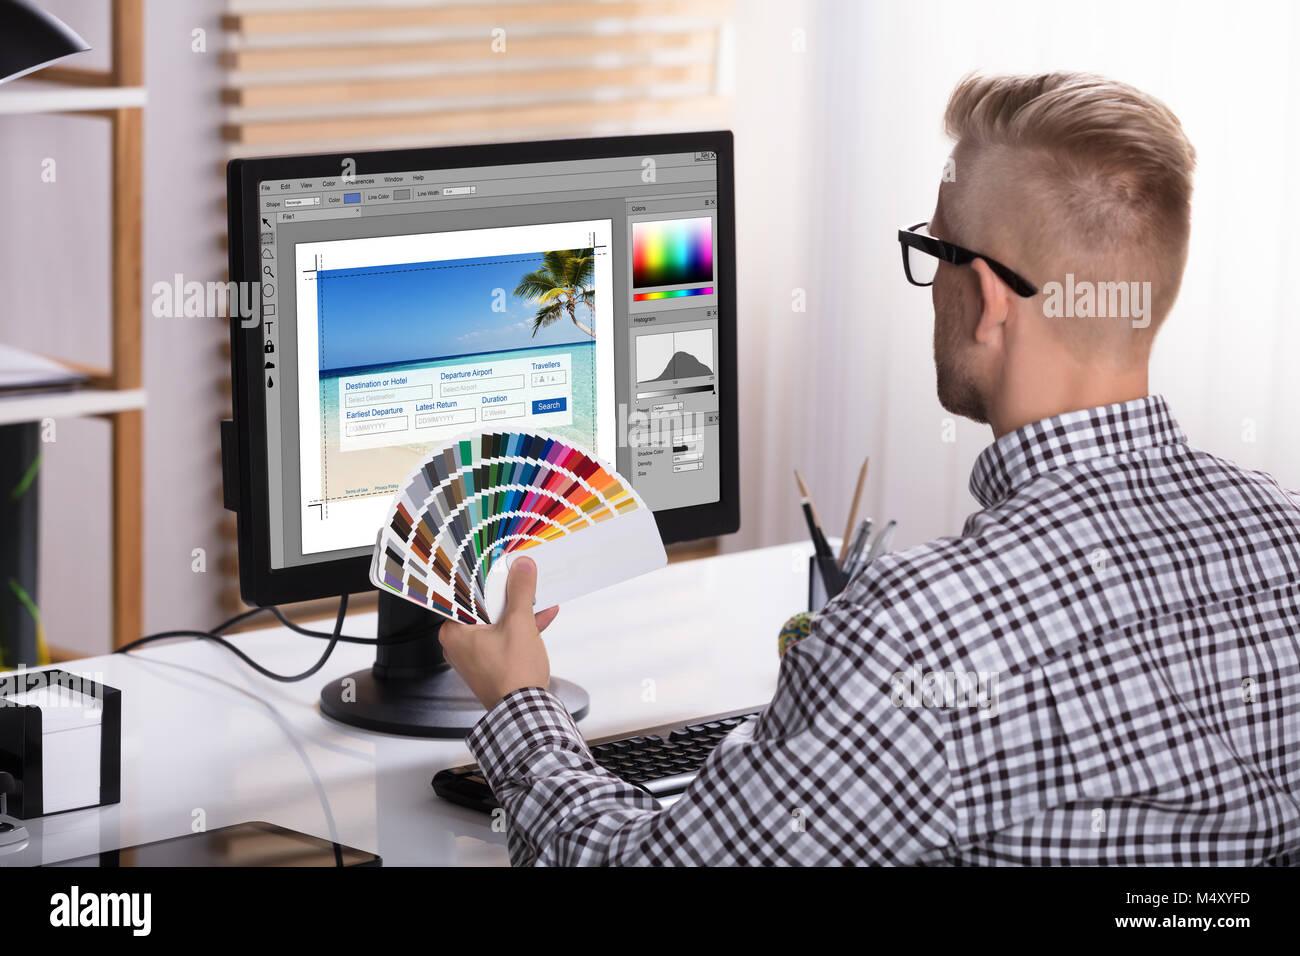 Un Designer maschio utilizzando Computer tenendo i campioni di colore in mano Immagini Stock